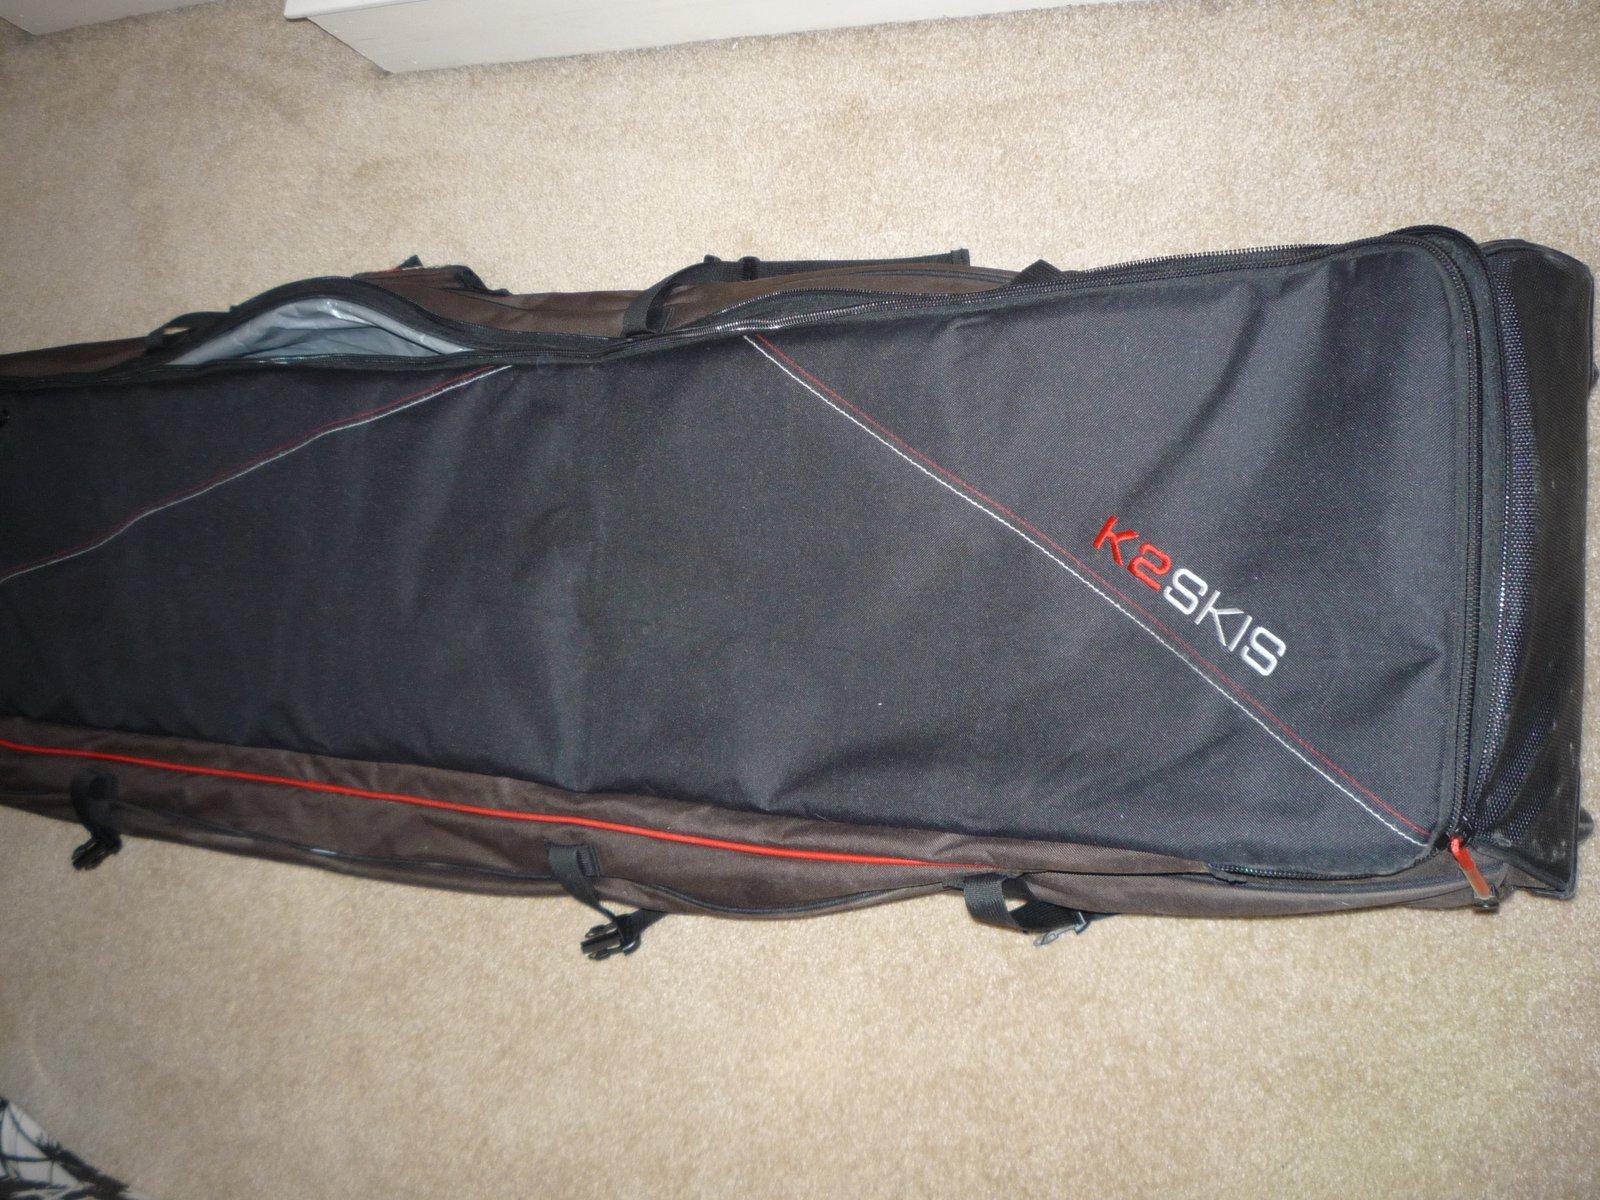 K2 Ski Bag